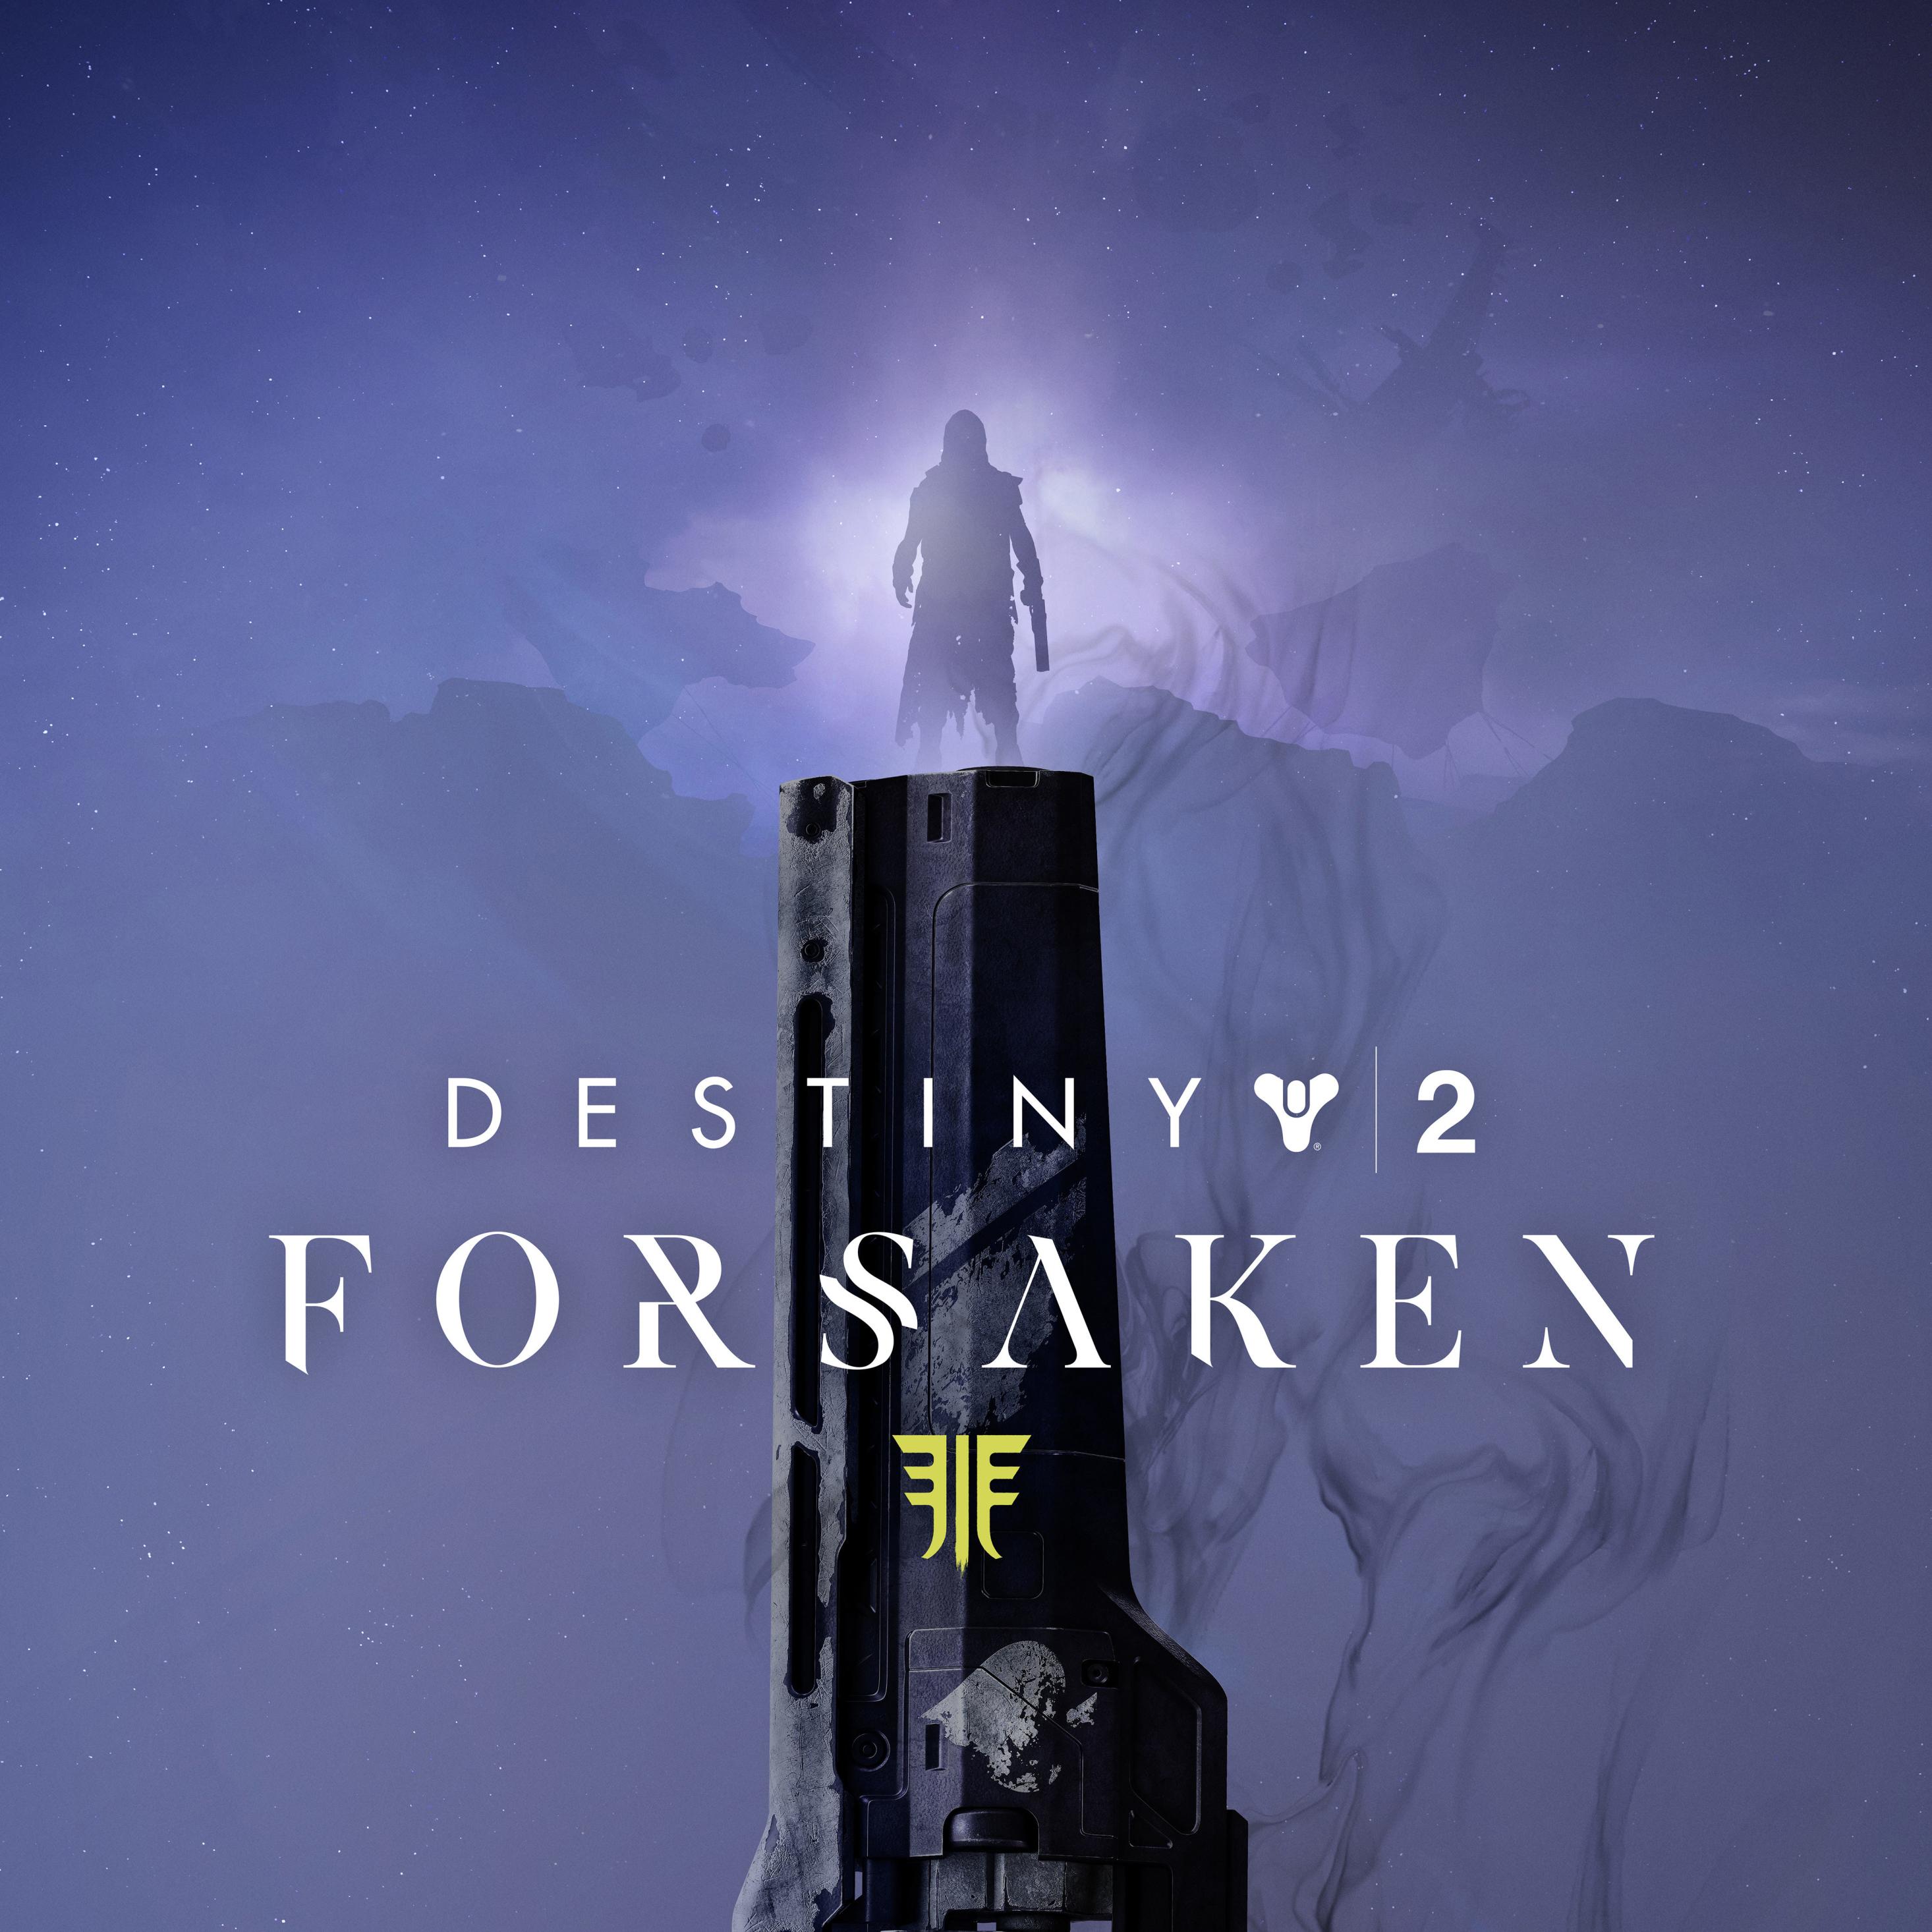 Image 2 Wallpaper: Destiny 2 Forsaken 2018, HD 4K Wallpaper